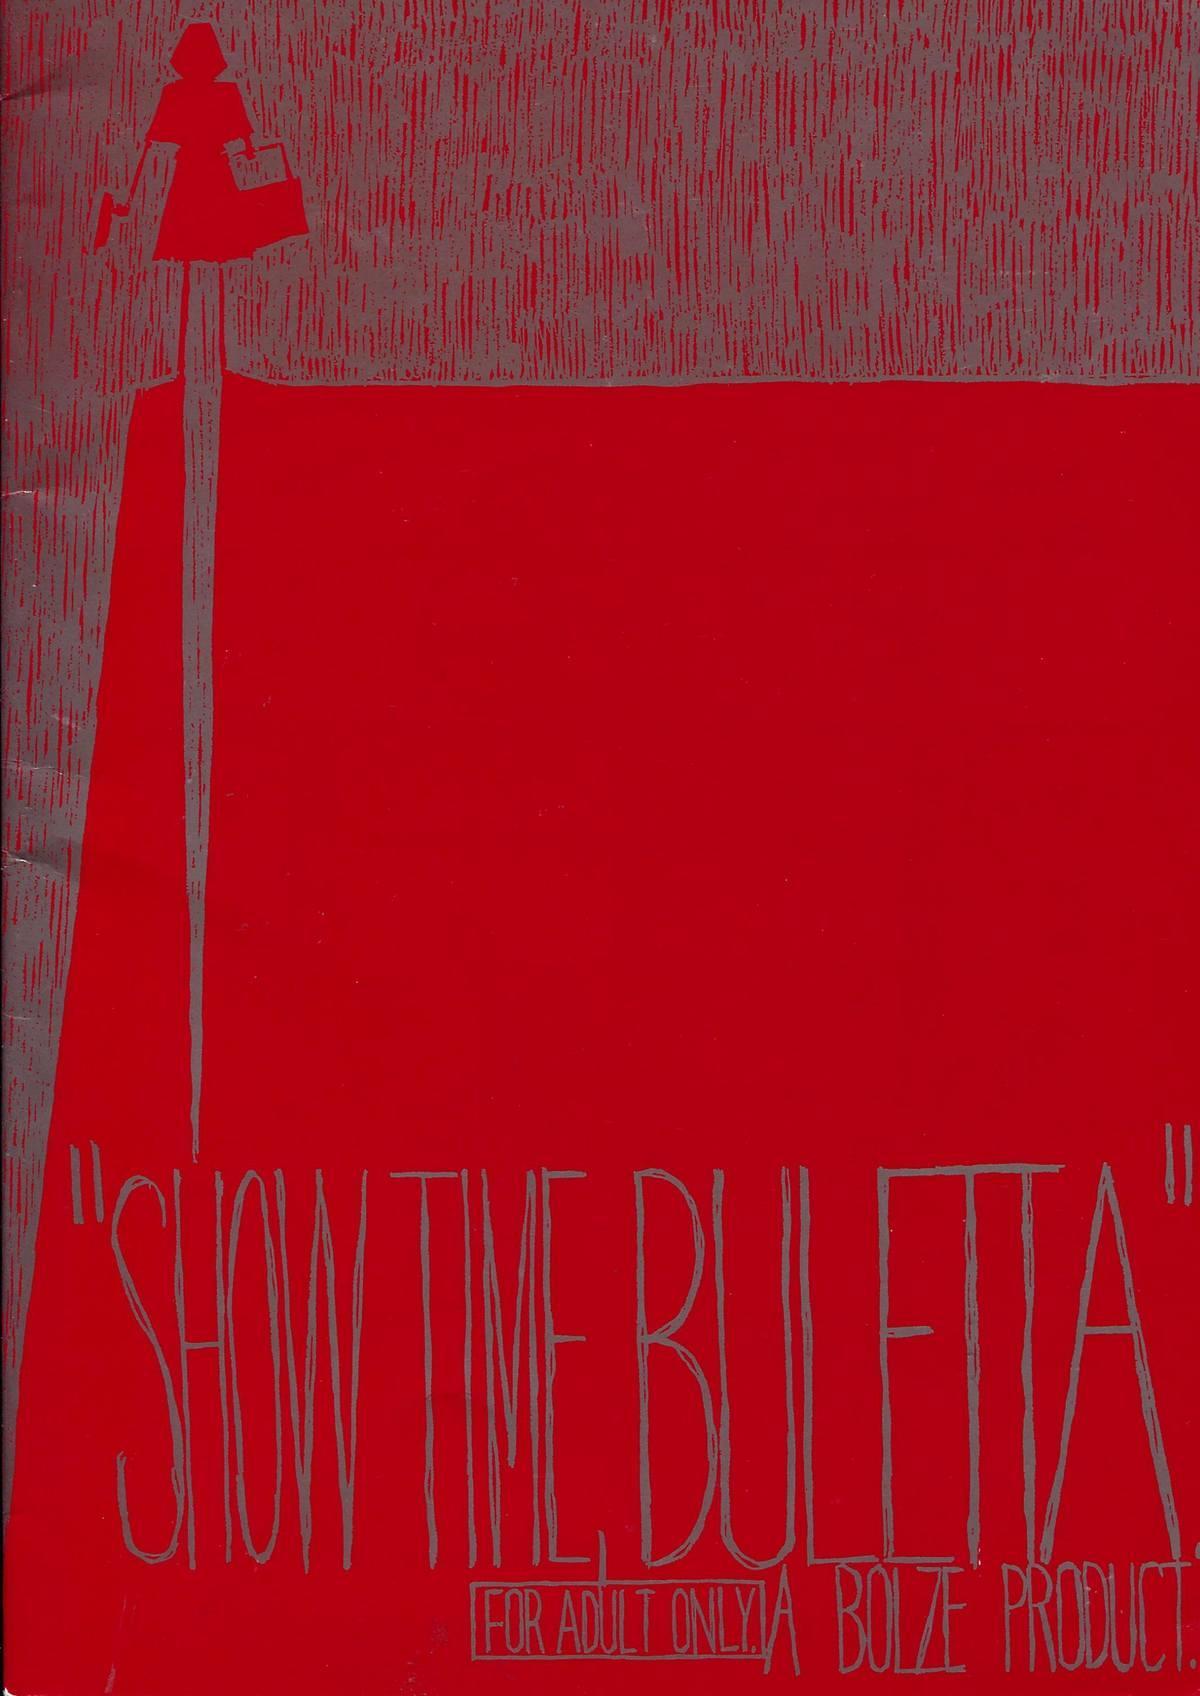 Show Time Buletta 0